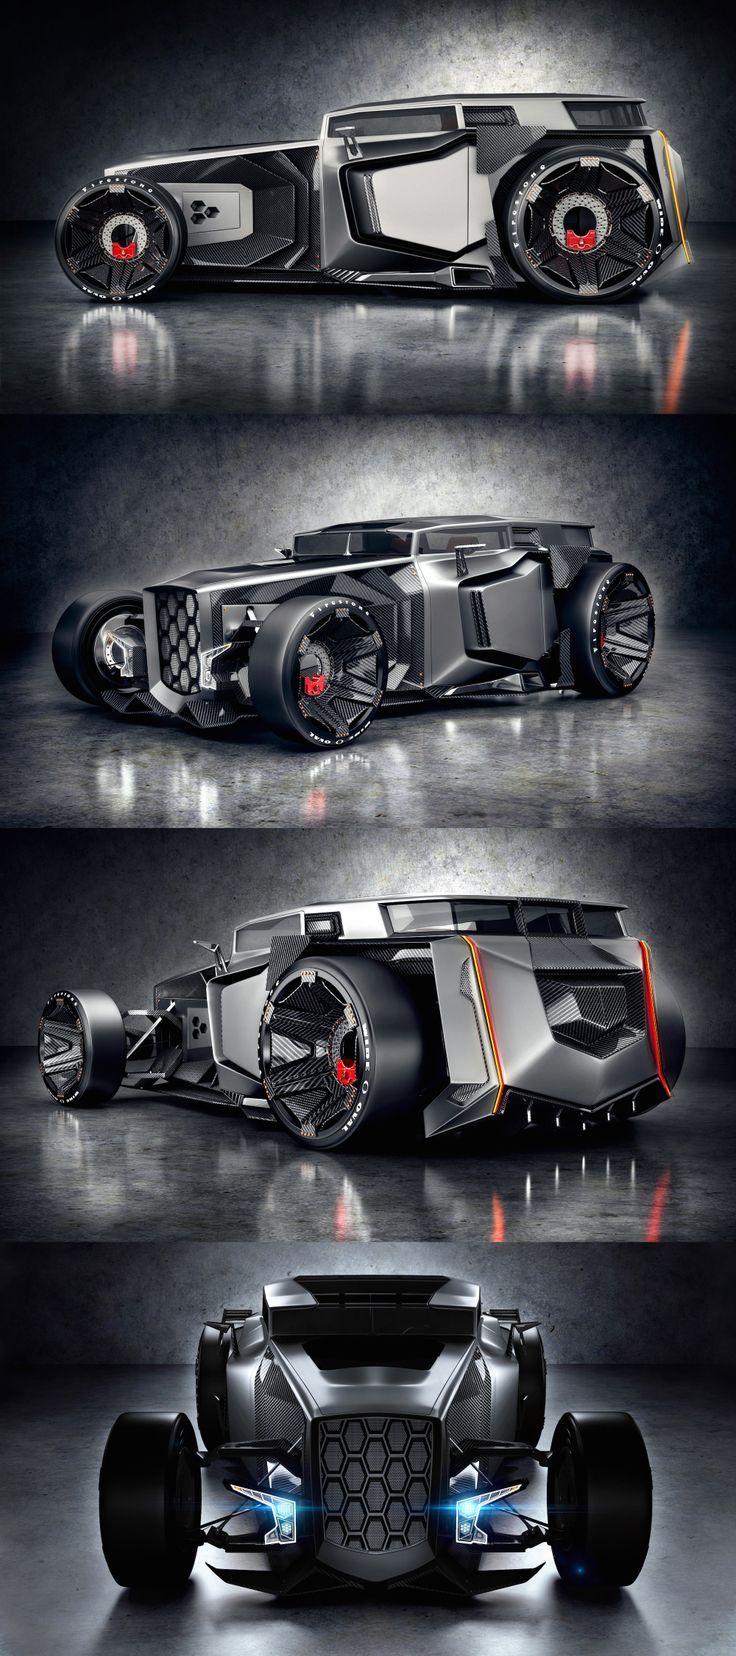 Awesome Lamborghini Hot Rod #Concept